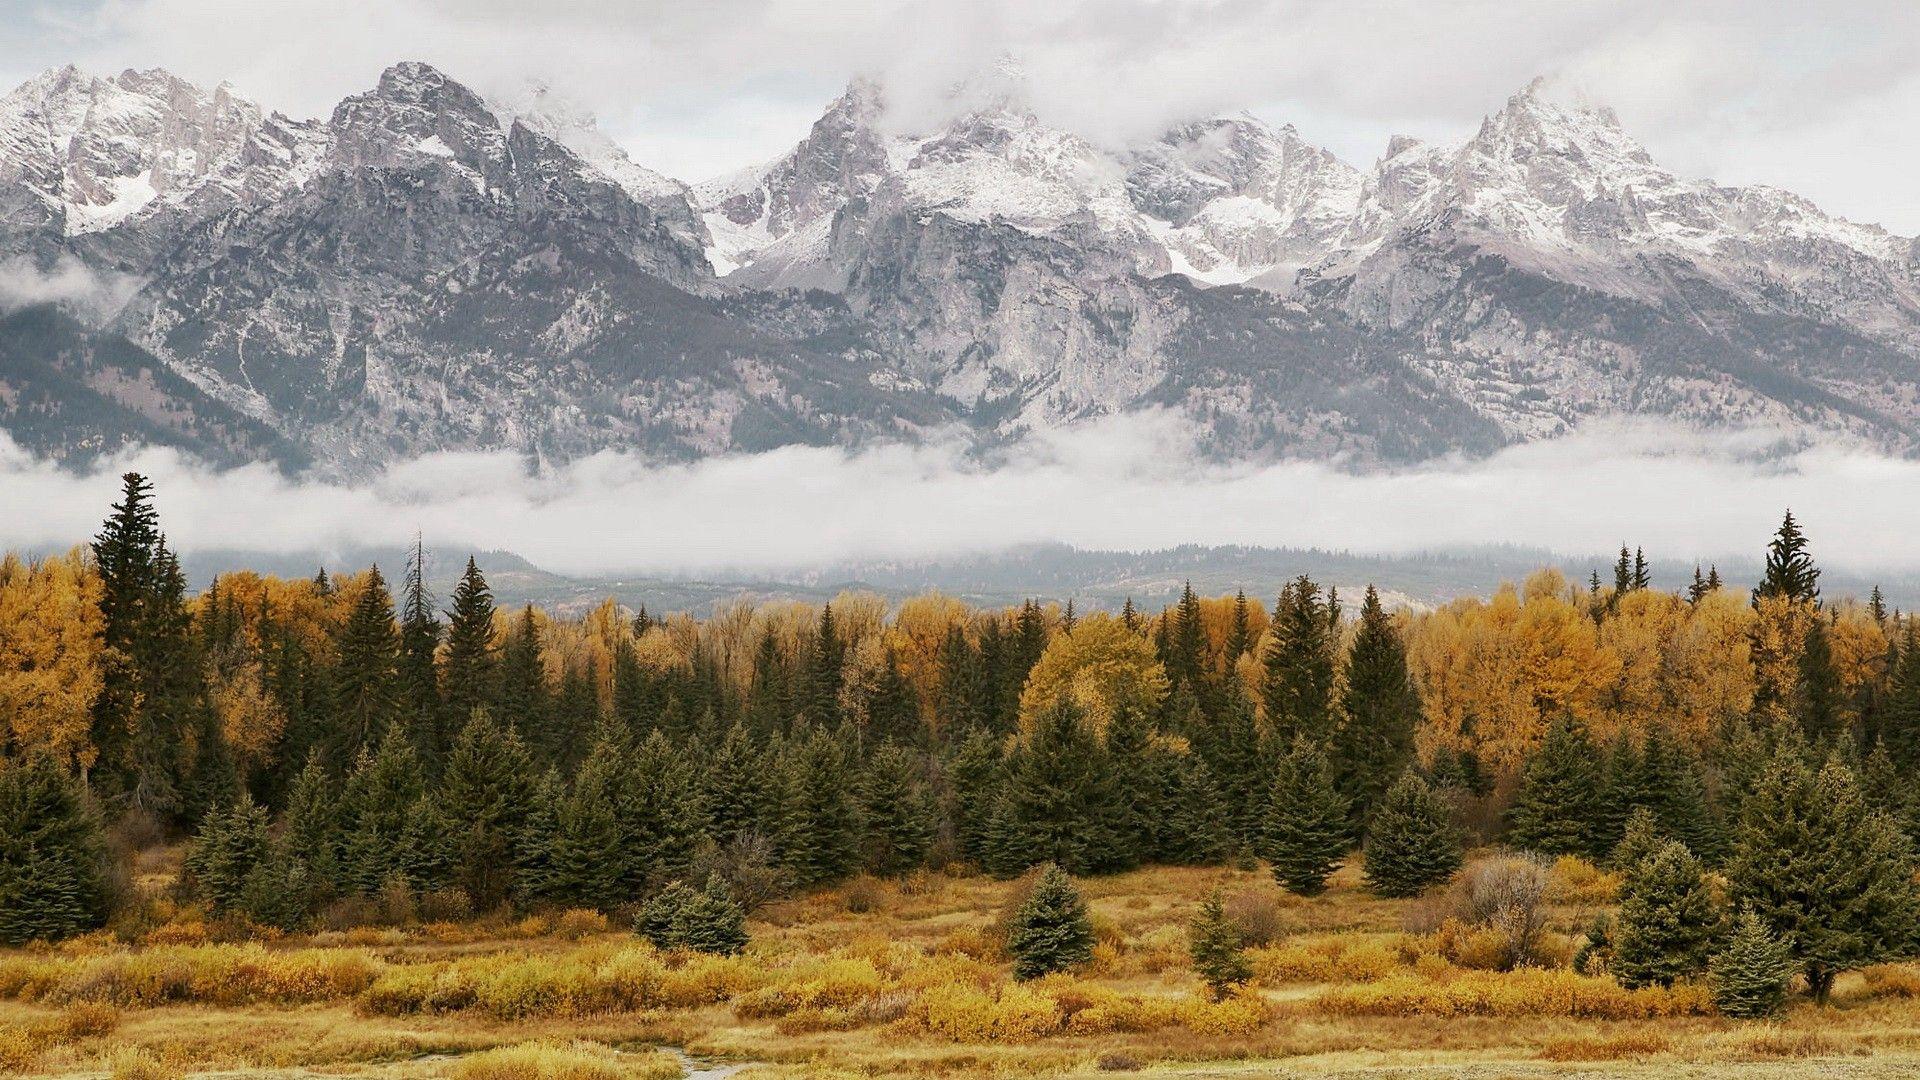 foto de fond ecran foret montagne automne mountain forest wallpaper hd ...